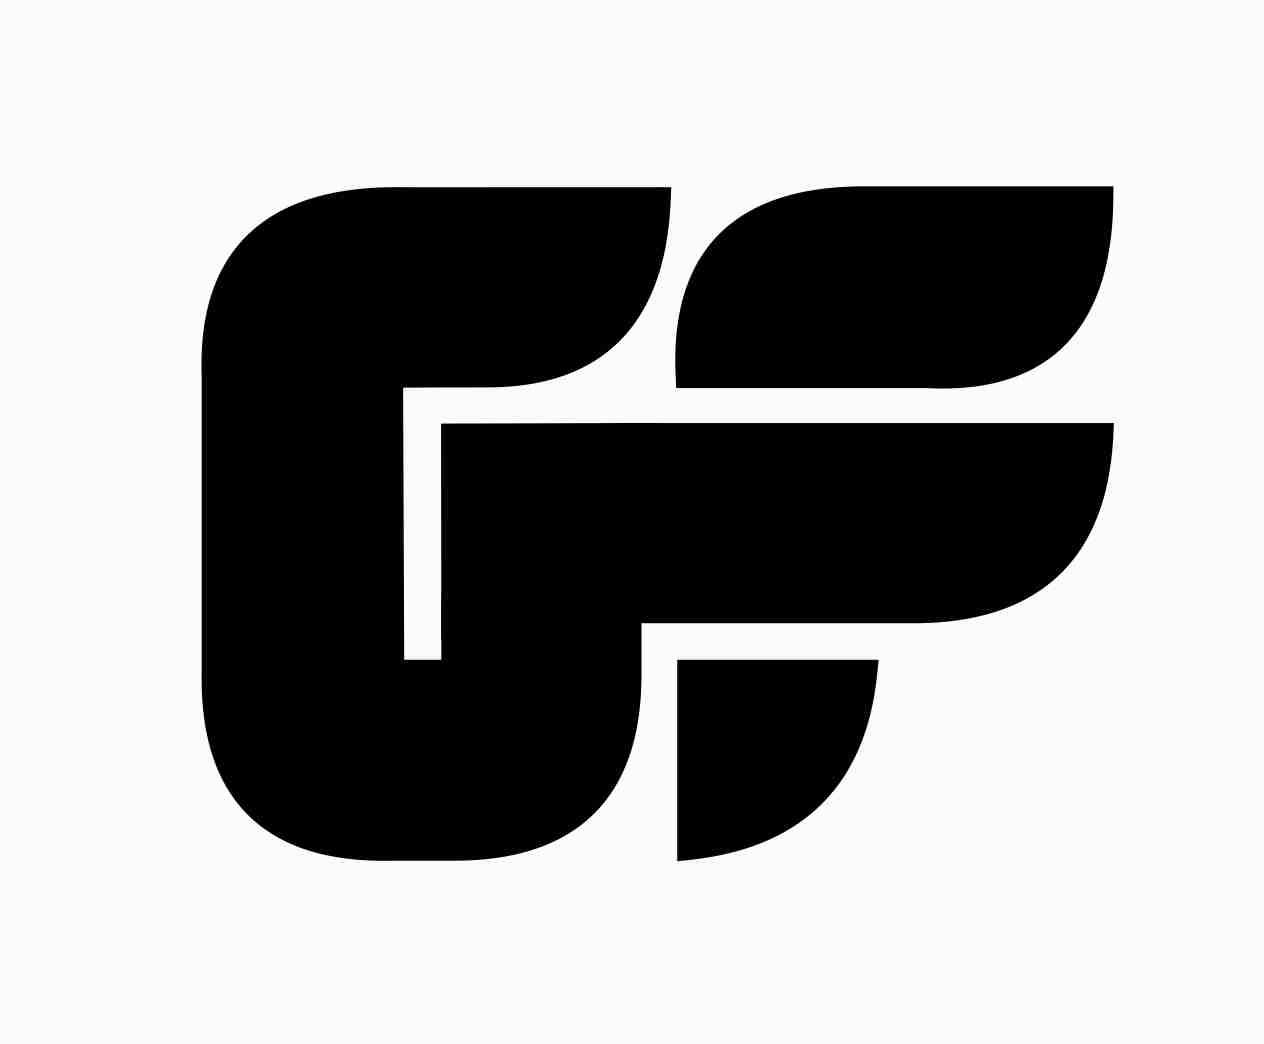 Разработка логотипа компании фото f_986596b1e1e50258.jpg